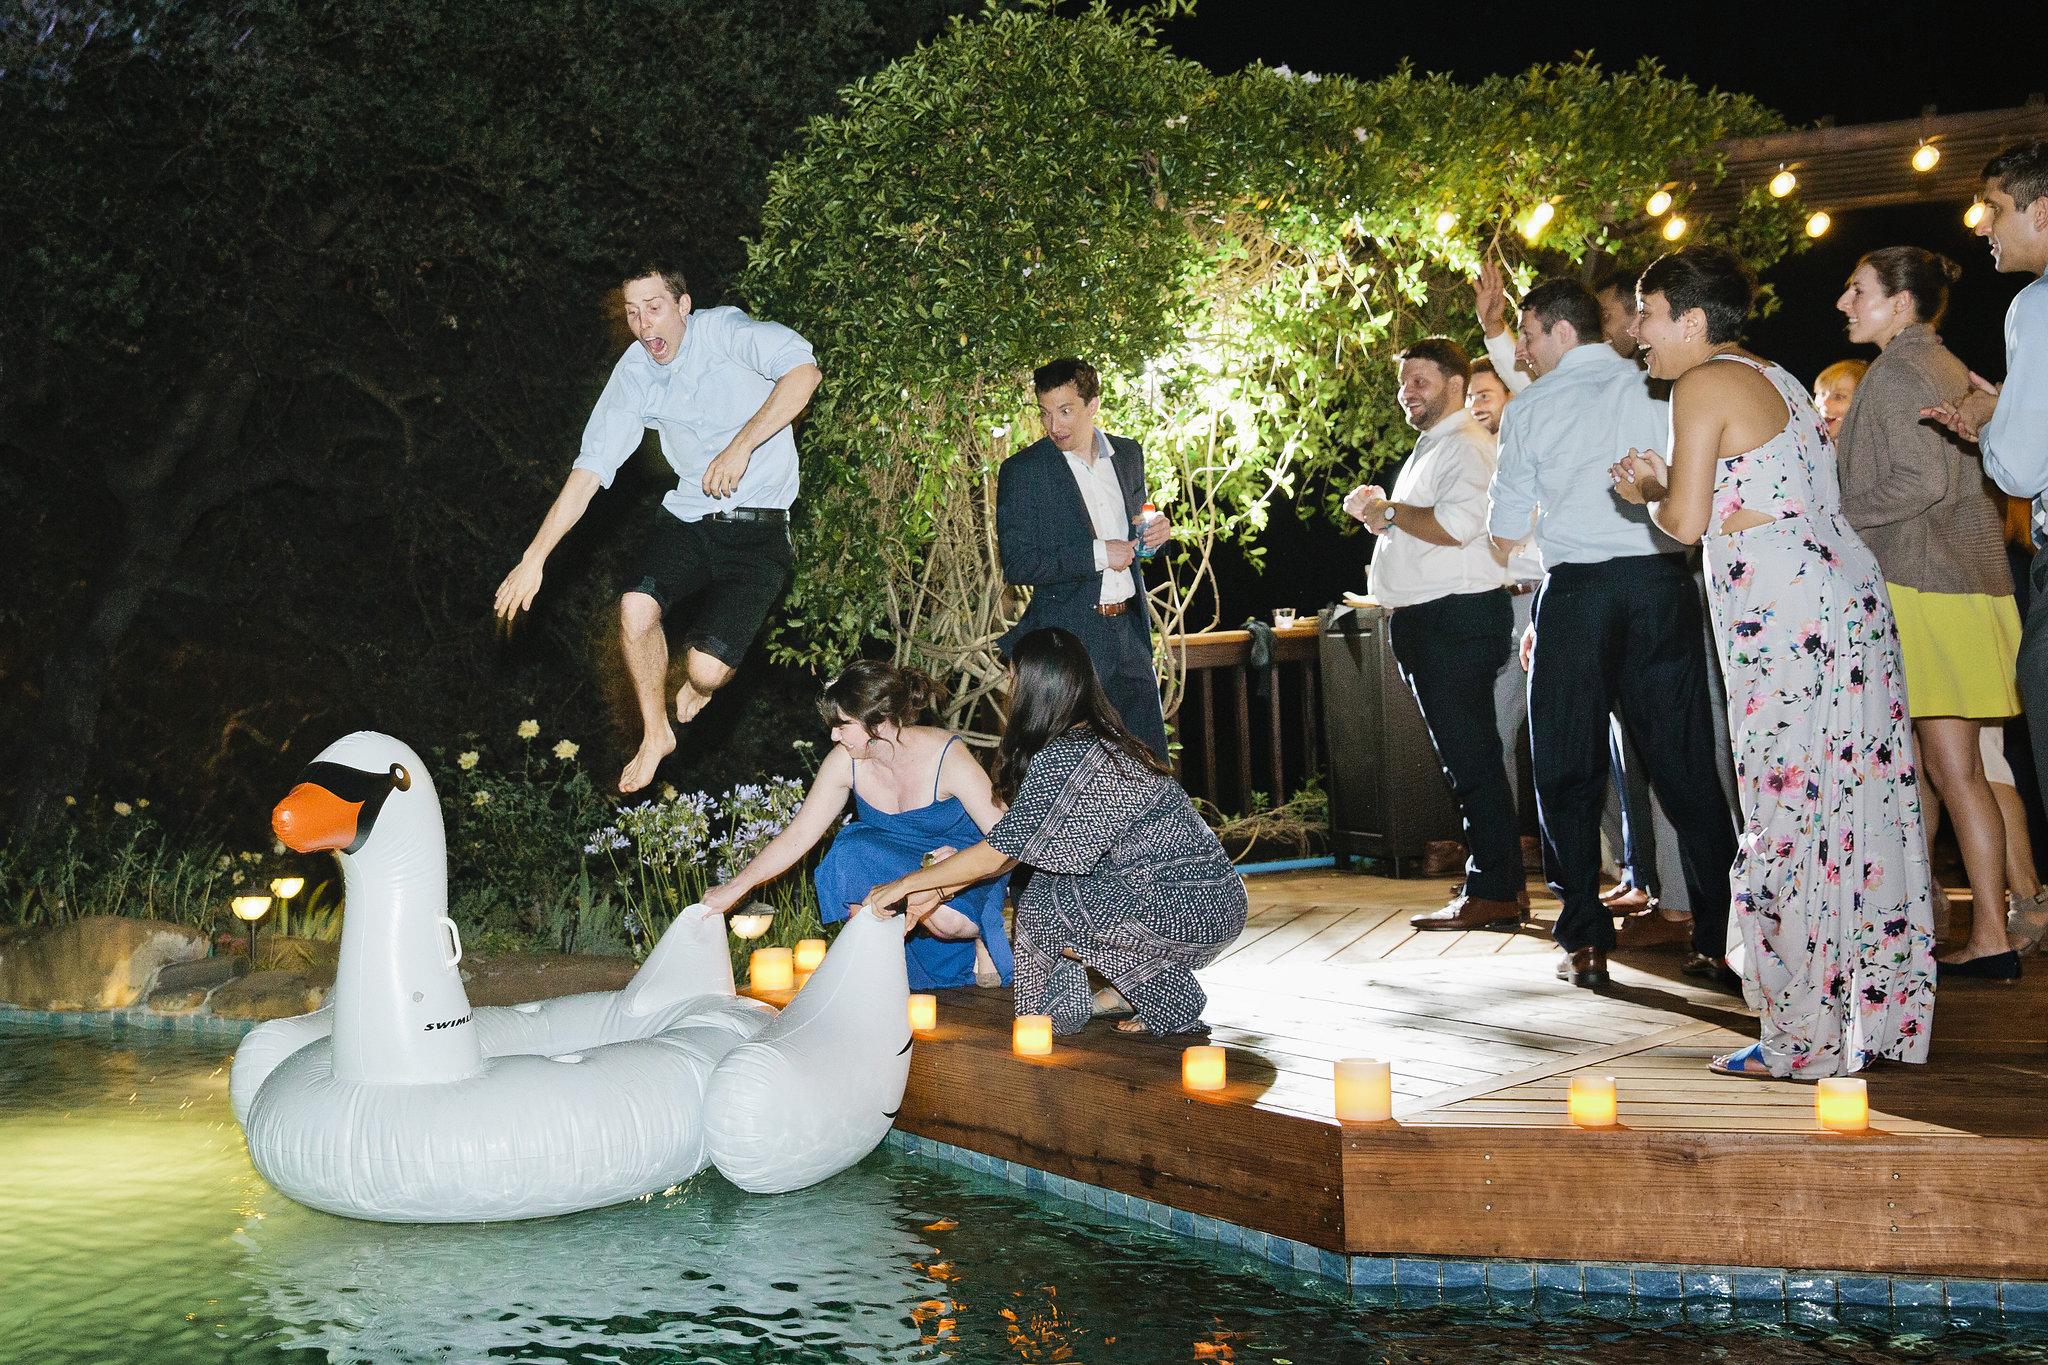 Wedding-Private-Home-South-Bay-75.JPG